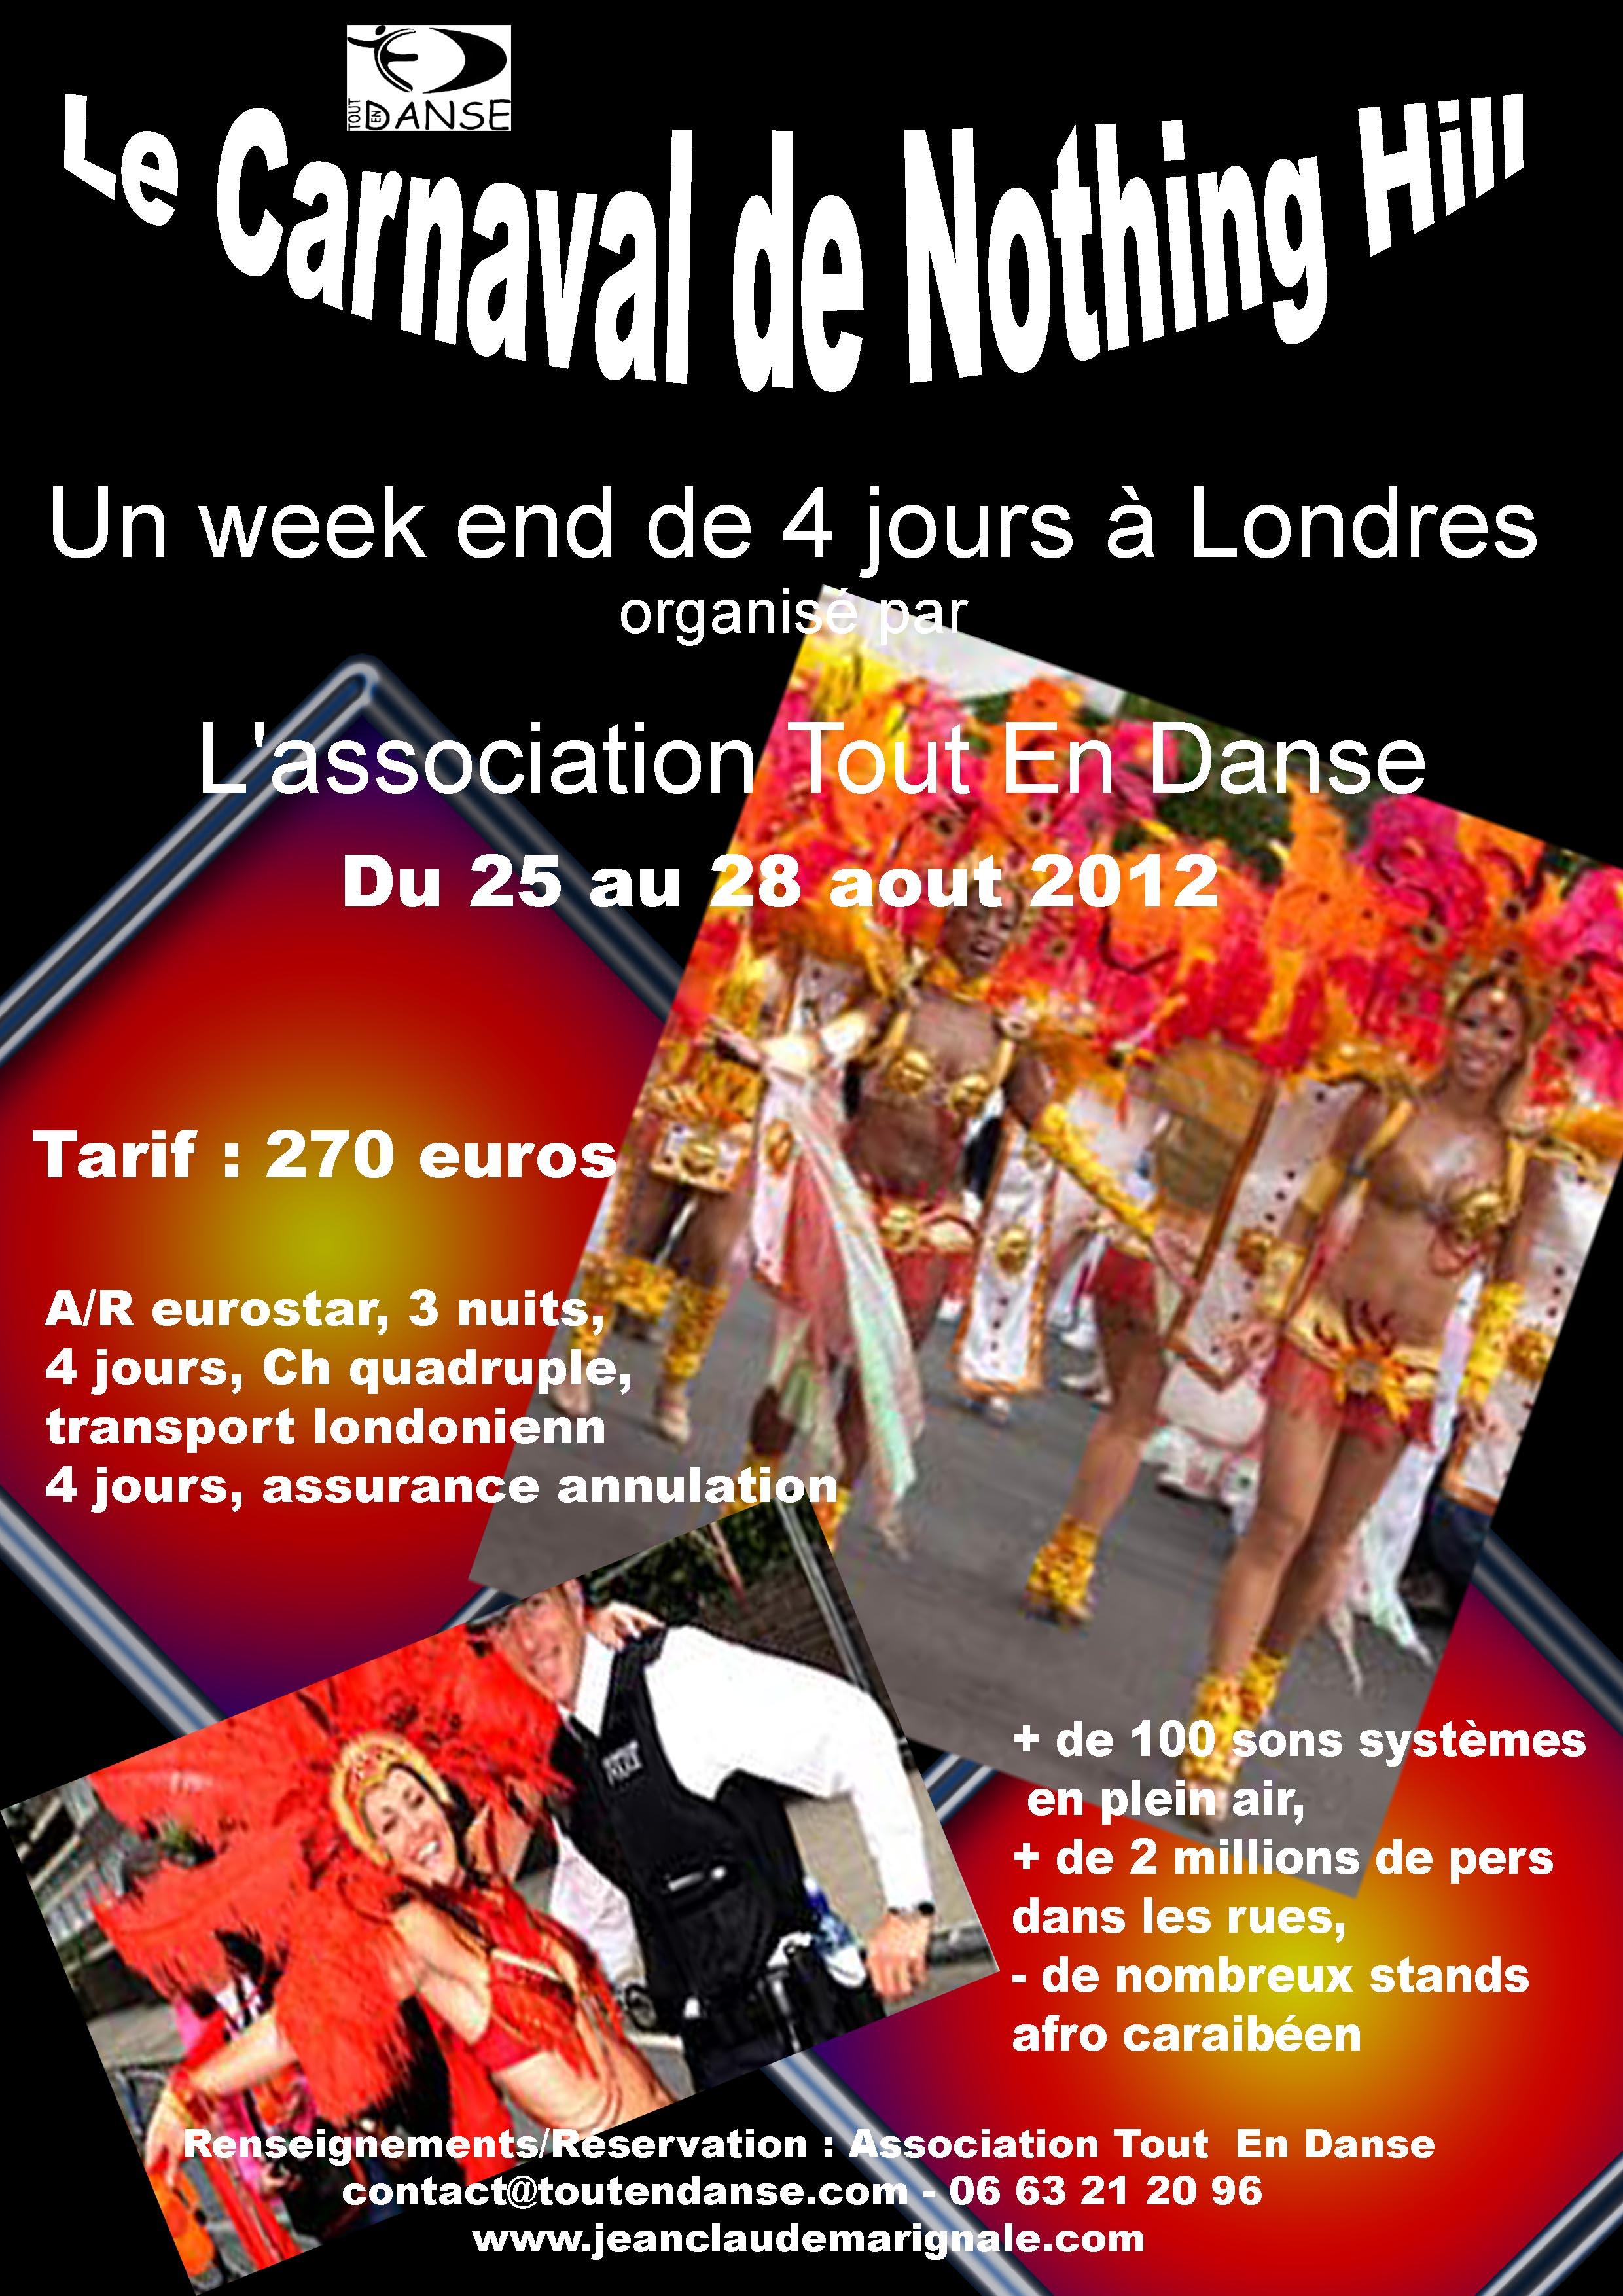 rencontre et racine 2012 billetterie Cagnes-sur-Mer